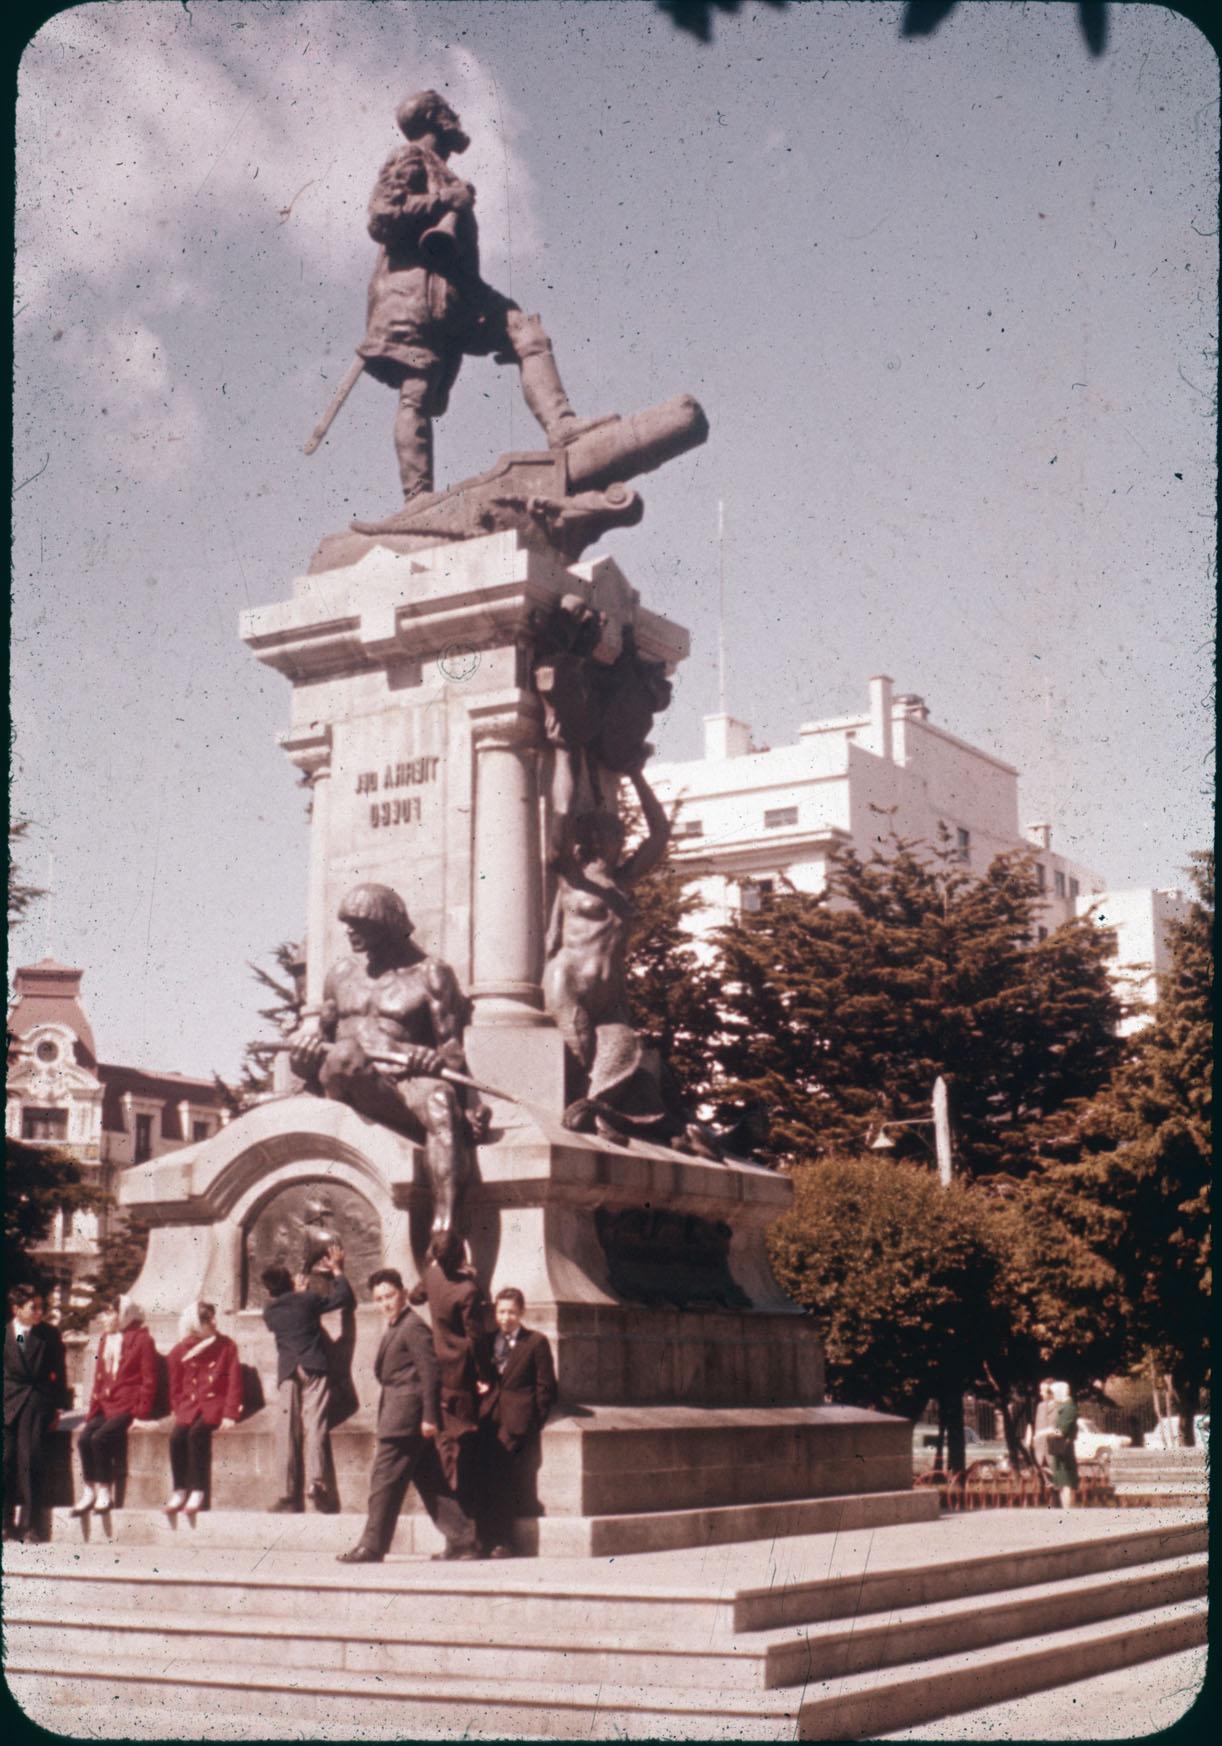 Enterreno - Fotos históricas de chile - fotos antiguas de Chile - Monumento a Hernando de Magallanes en Punta Arenas años 60